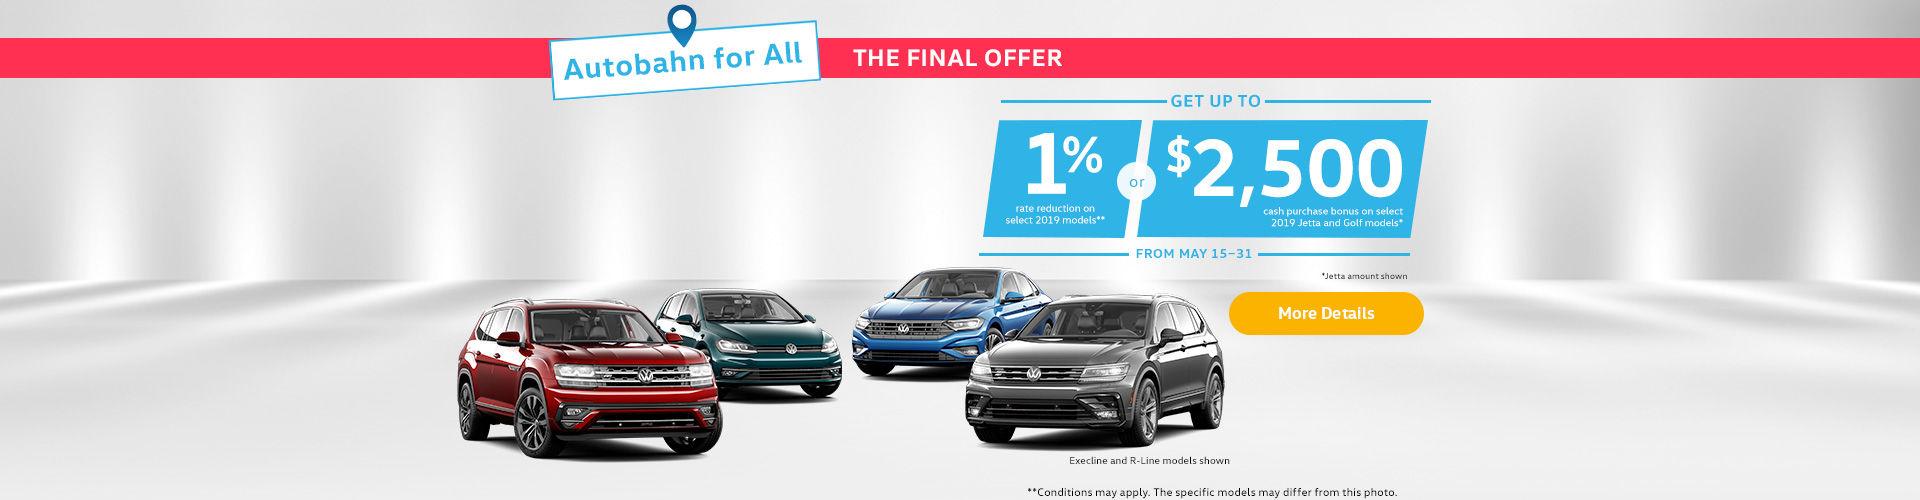 VW Final Offer